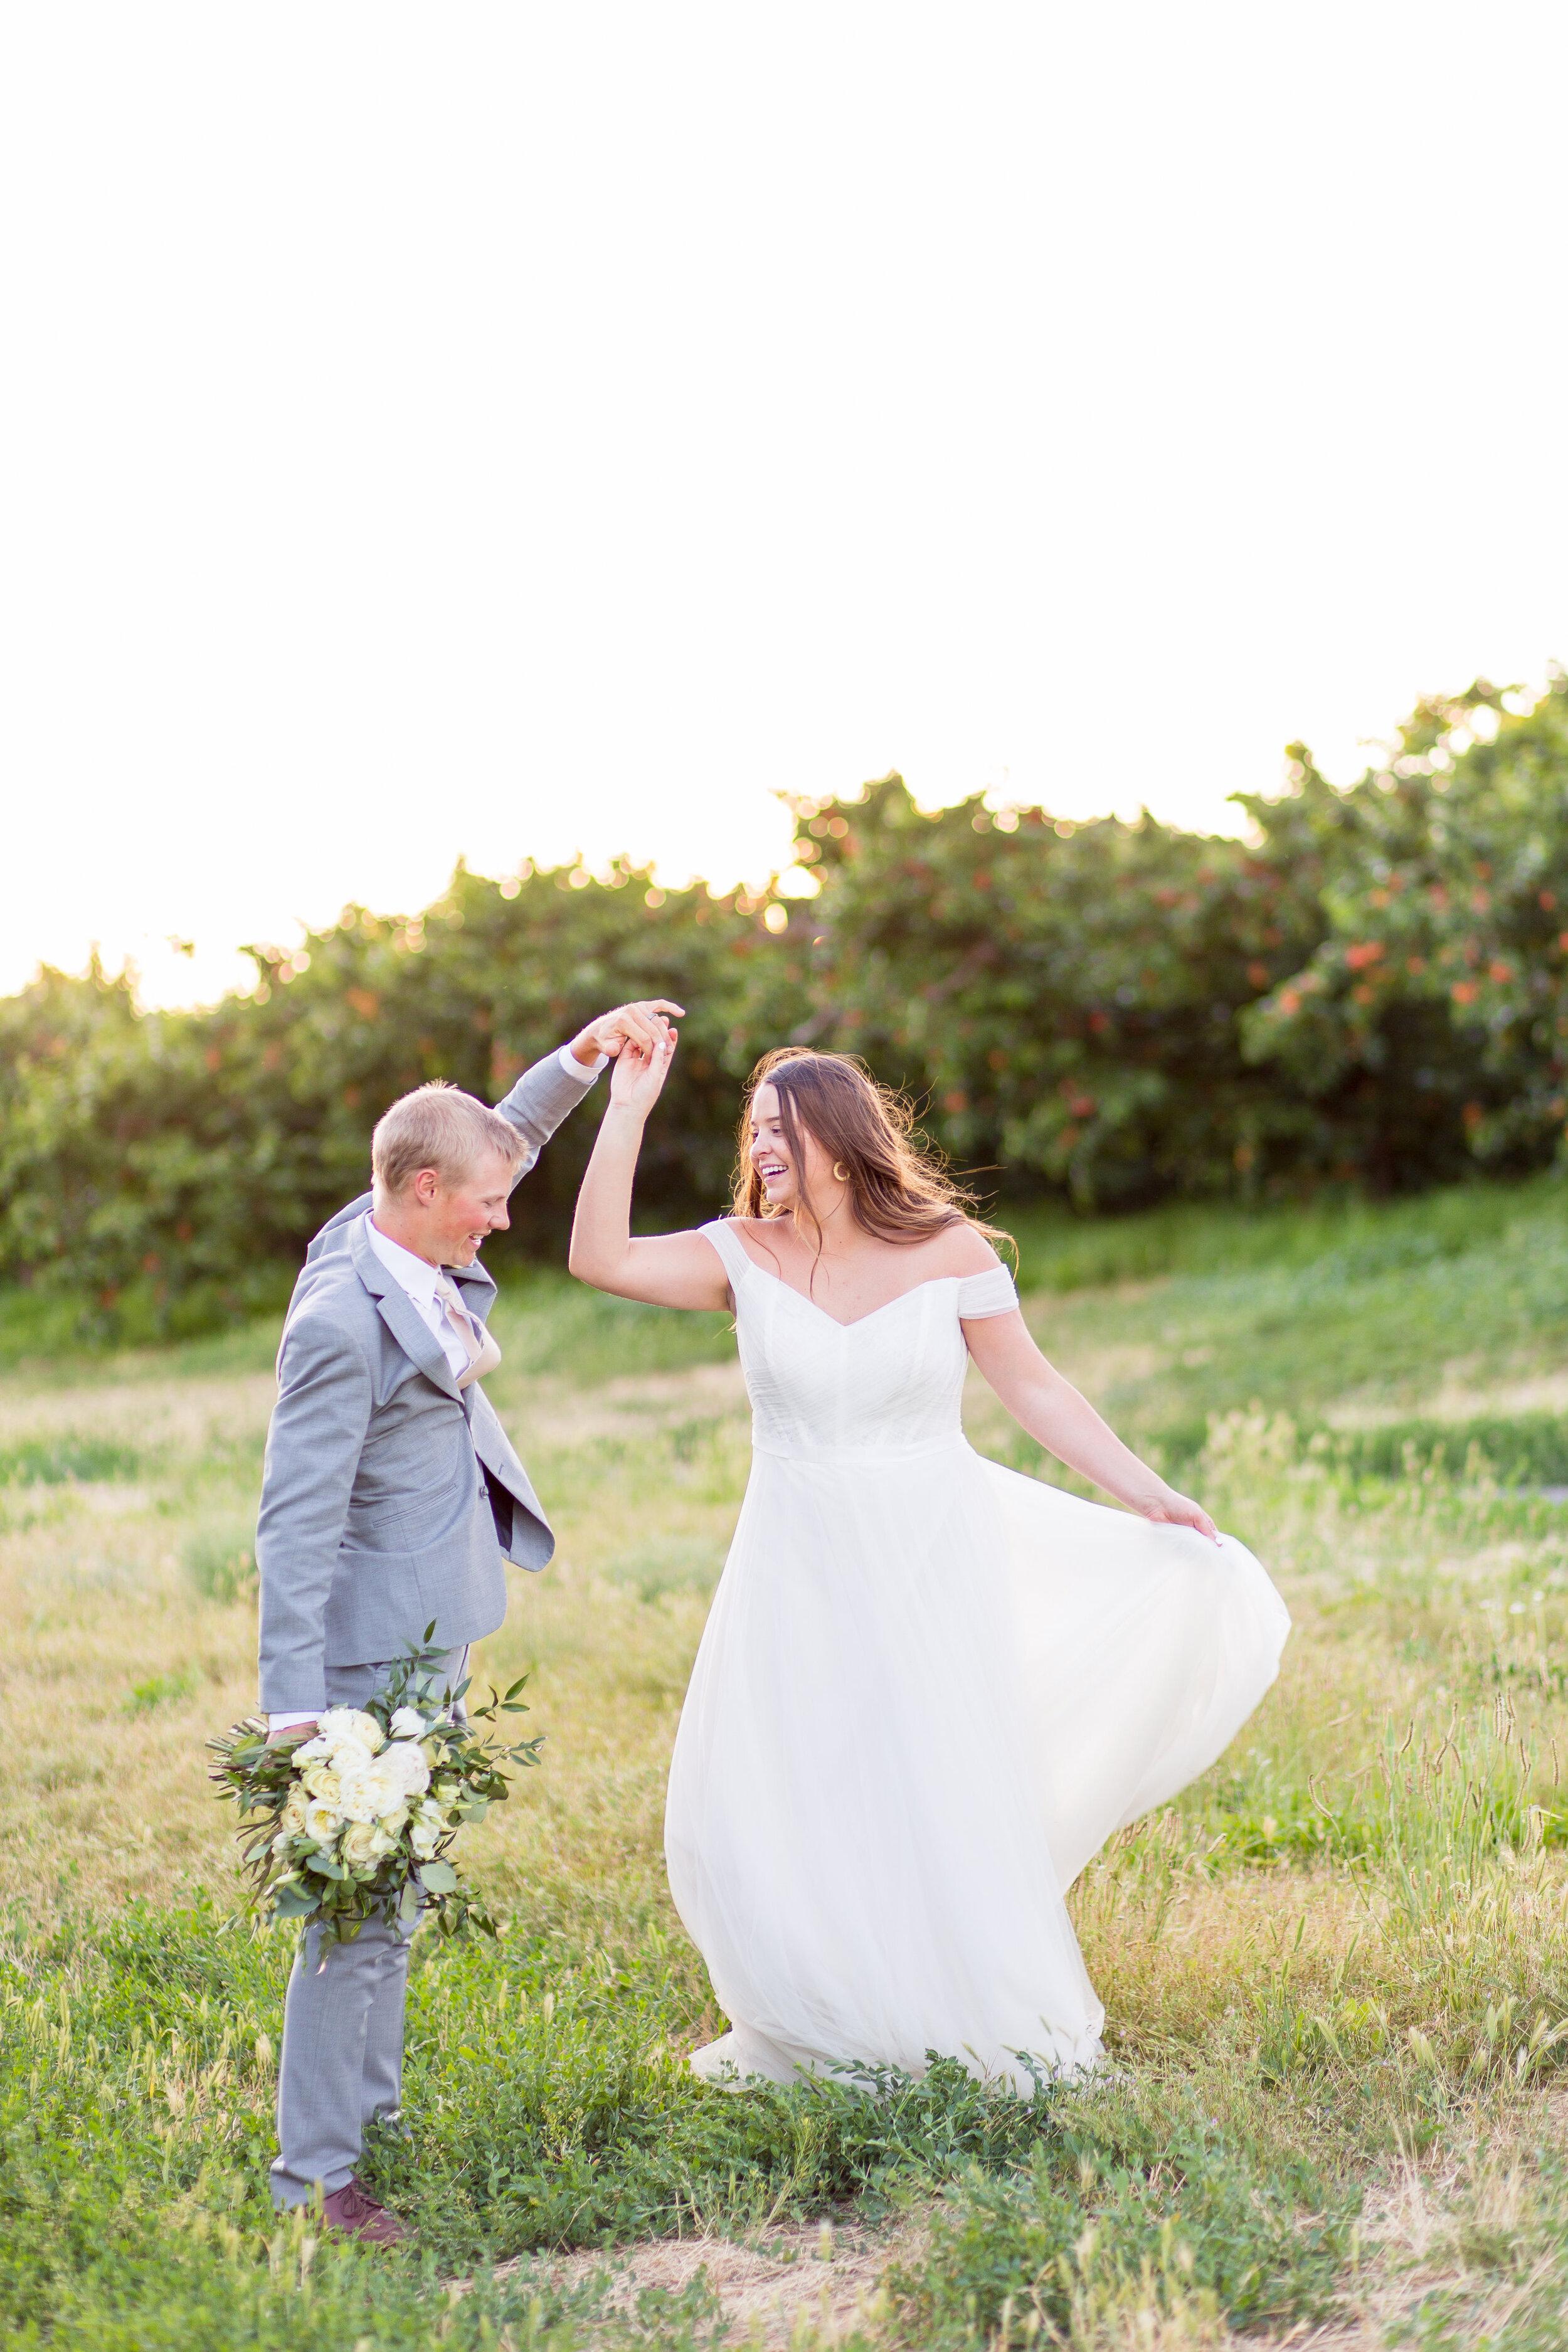 dancing spokane bride and groom wedding